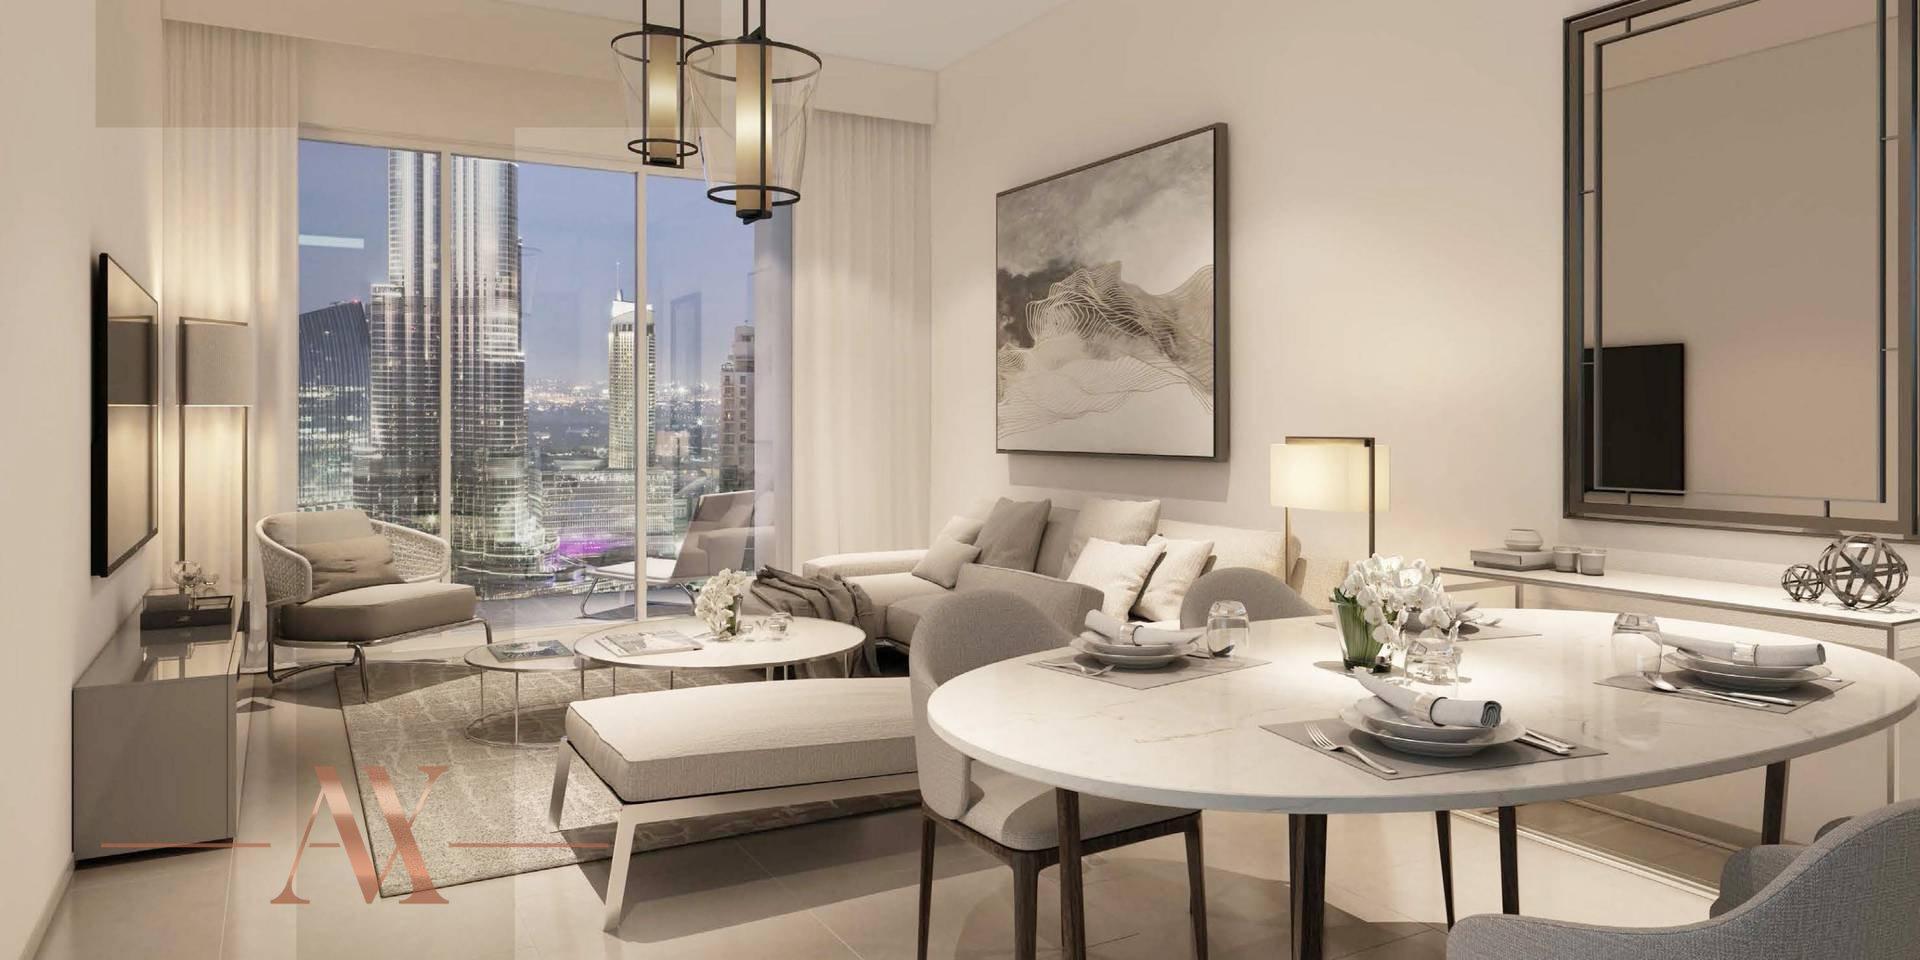 Apartment for sale in Dubai, UAE, 2 bedrooms, 124 m2, No. 23826 – photo 1